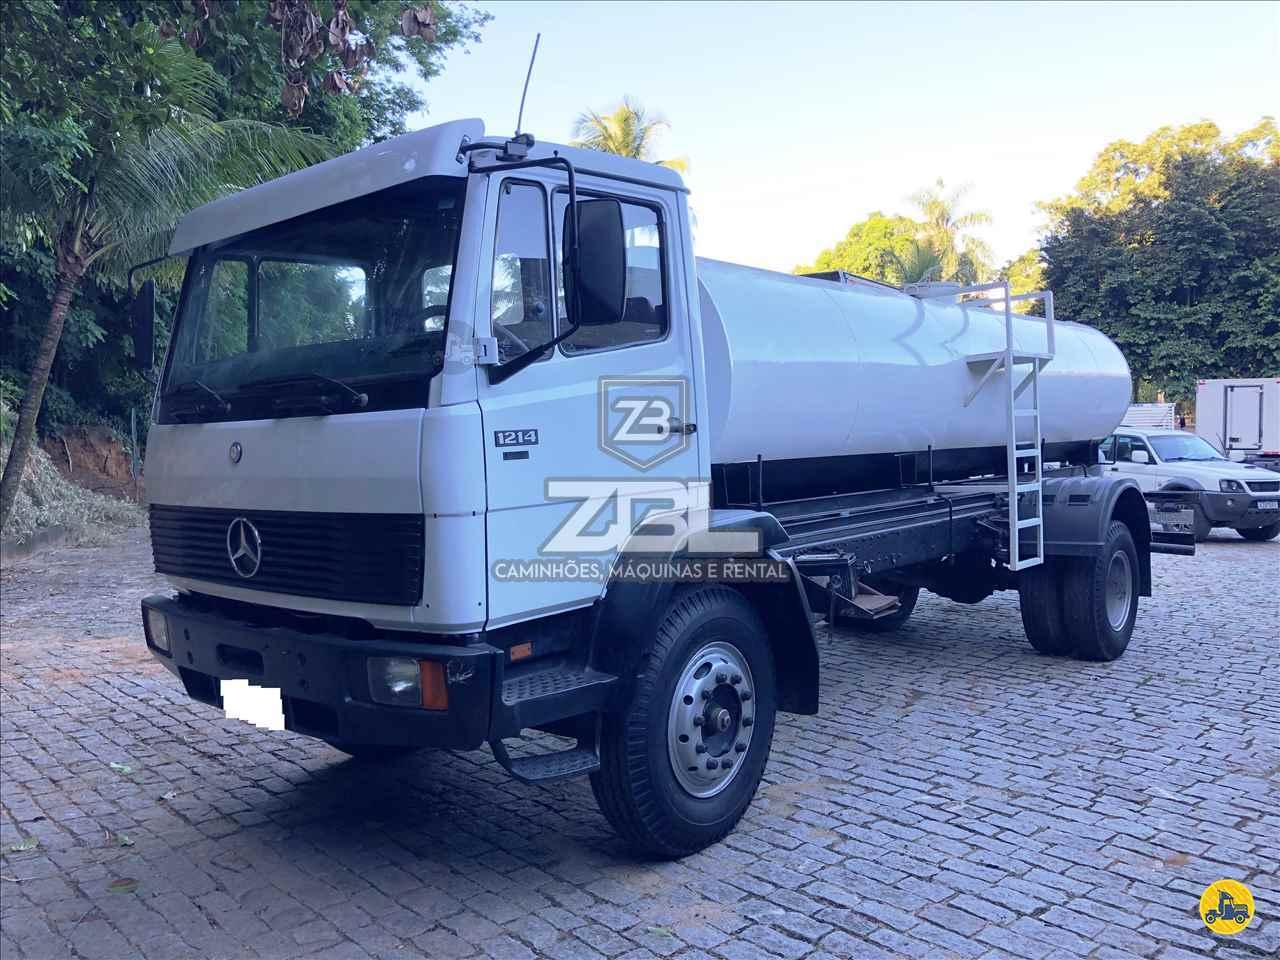 CAMINHAO MERCEDES-BENZ MB 1214 Tanque Pipa Toco 4x2 ZBL Caminhões CASTELO ESPÍRITO SANTO ES